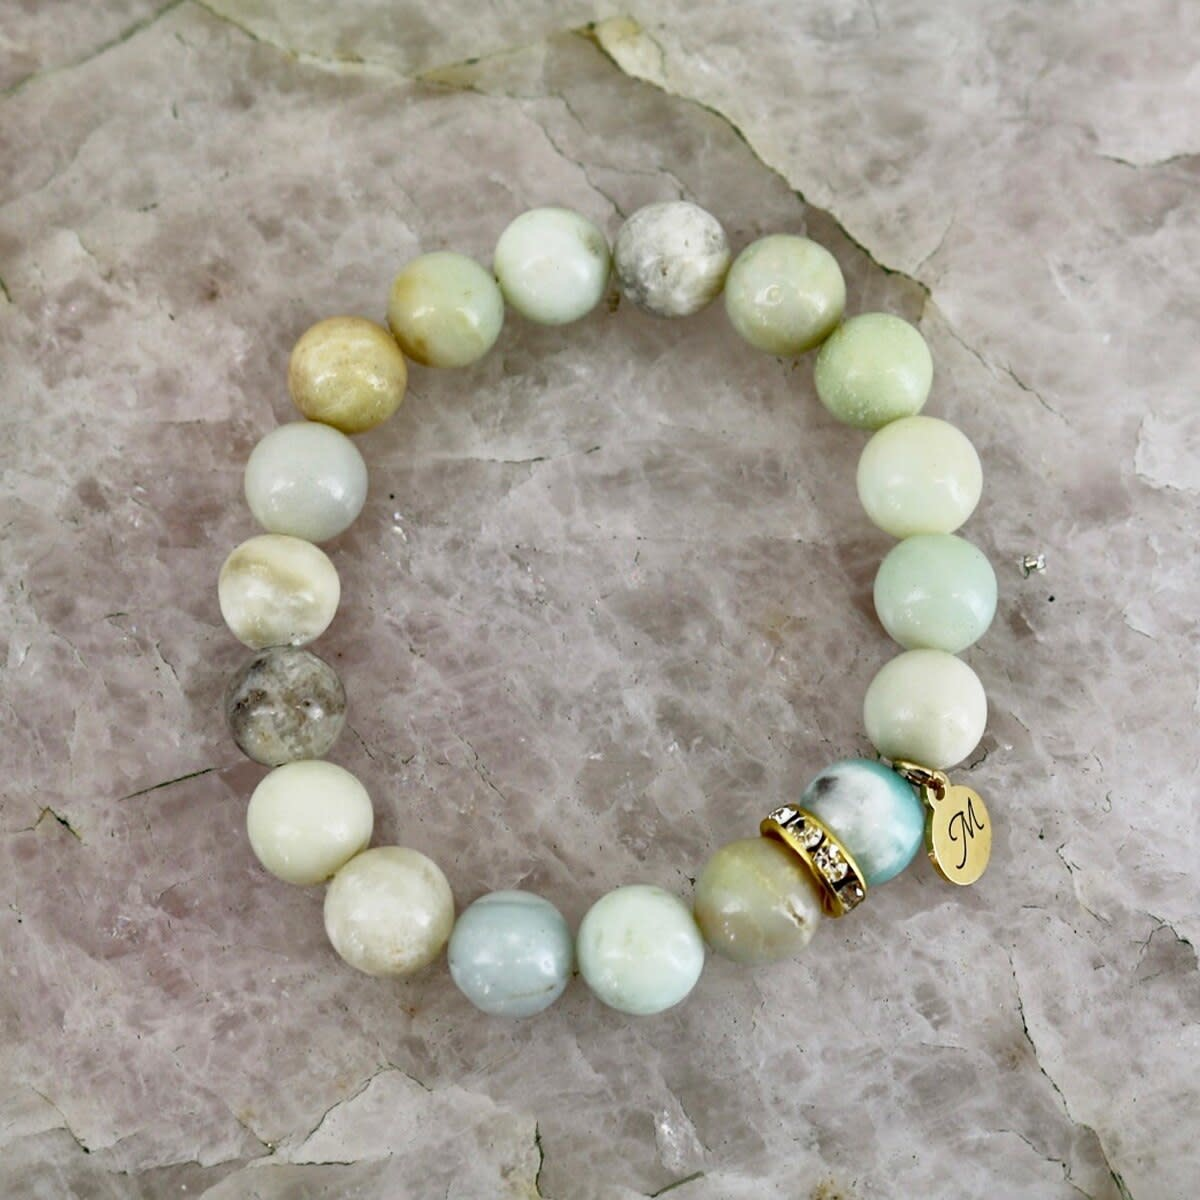 Oasis Bracelet - Amazonite Stone-1